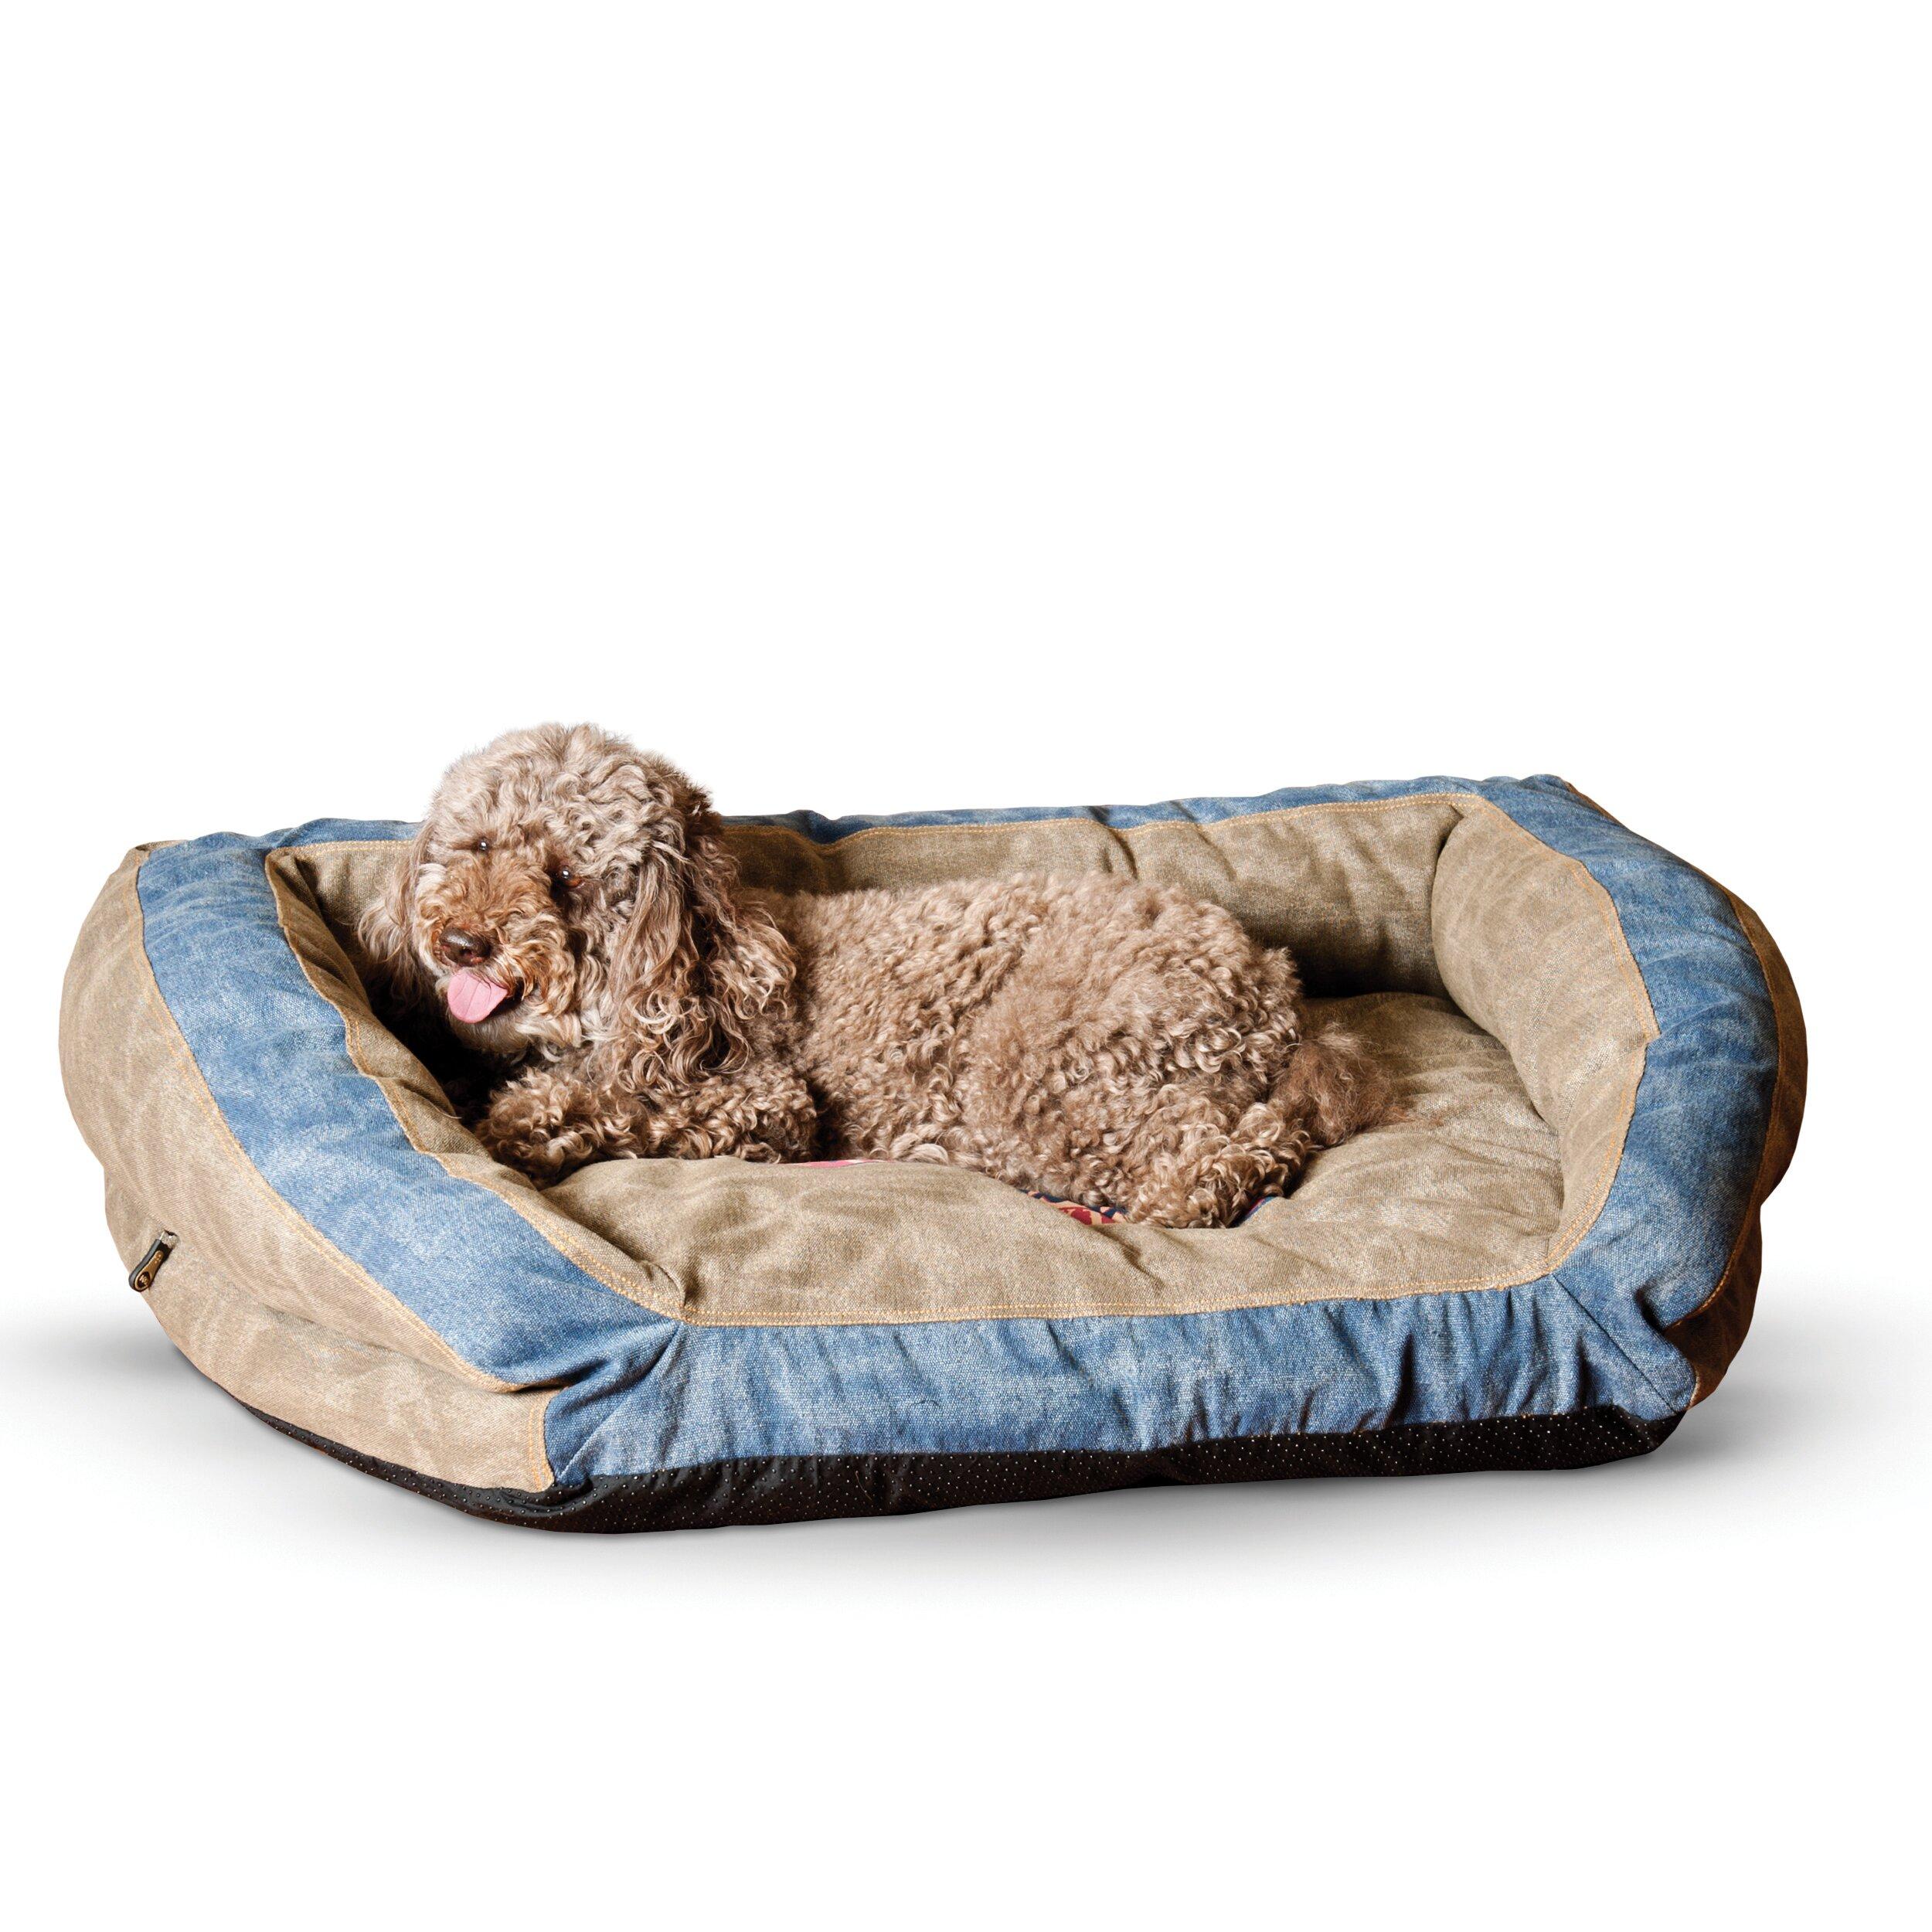 k h manufacturing premium logo bolster dog bed reviews wayfair. Black Bedroom Furniture Sets. Home Design Ideas